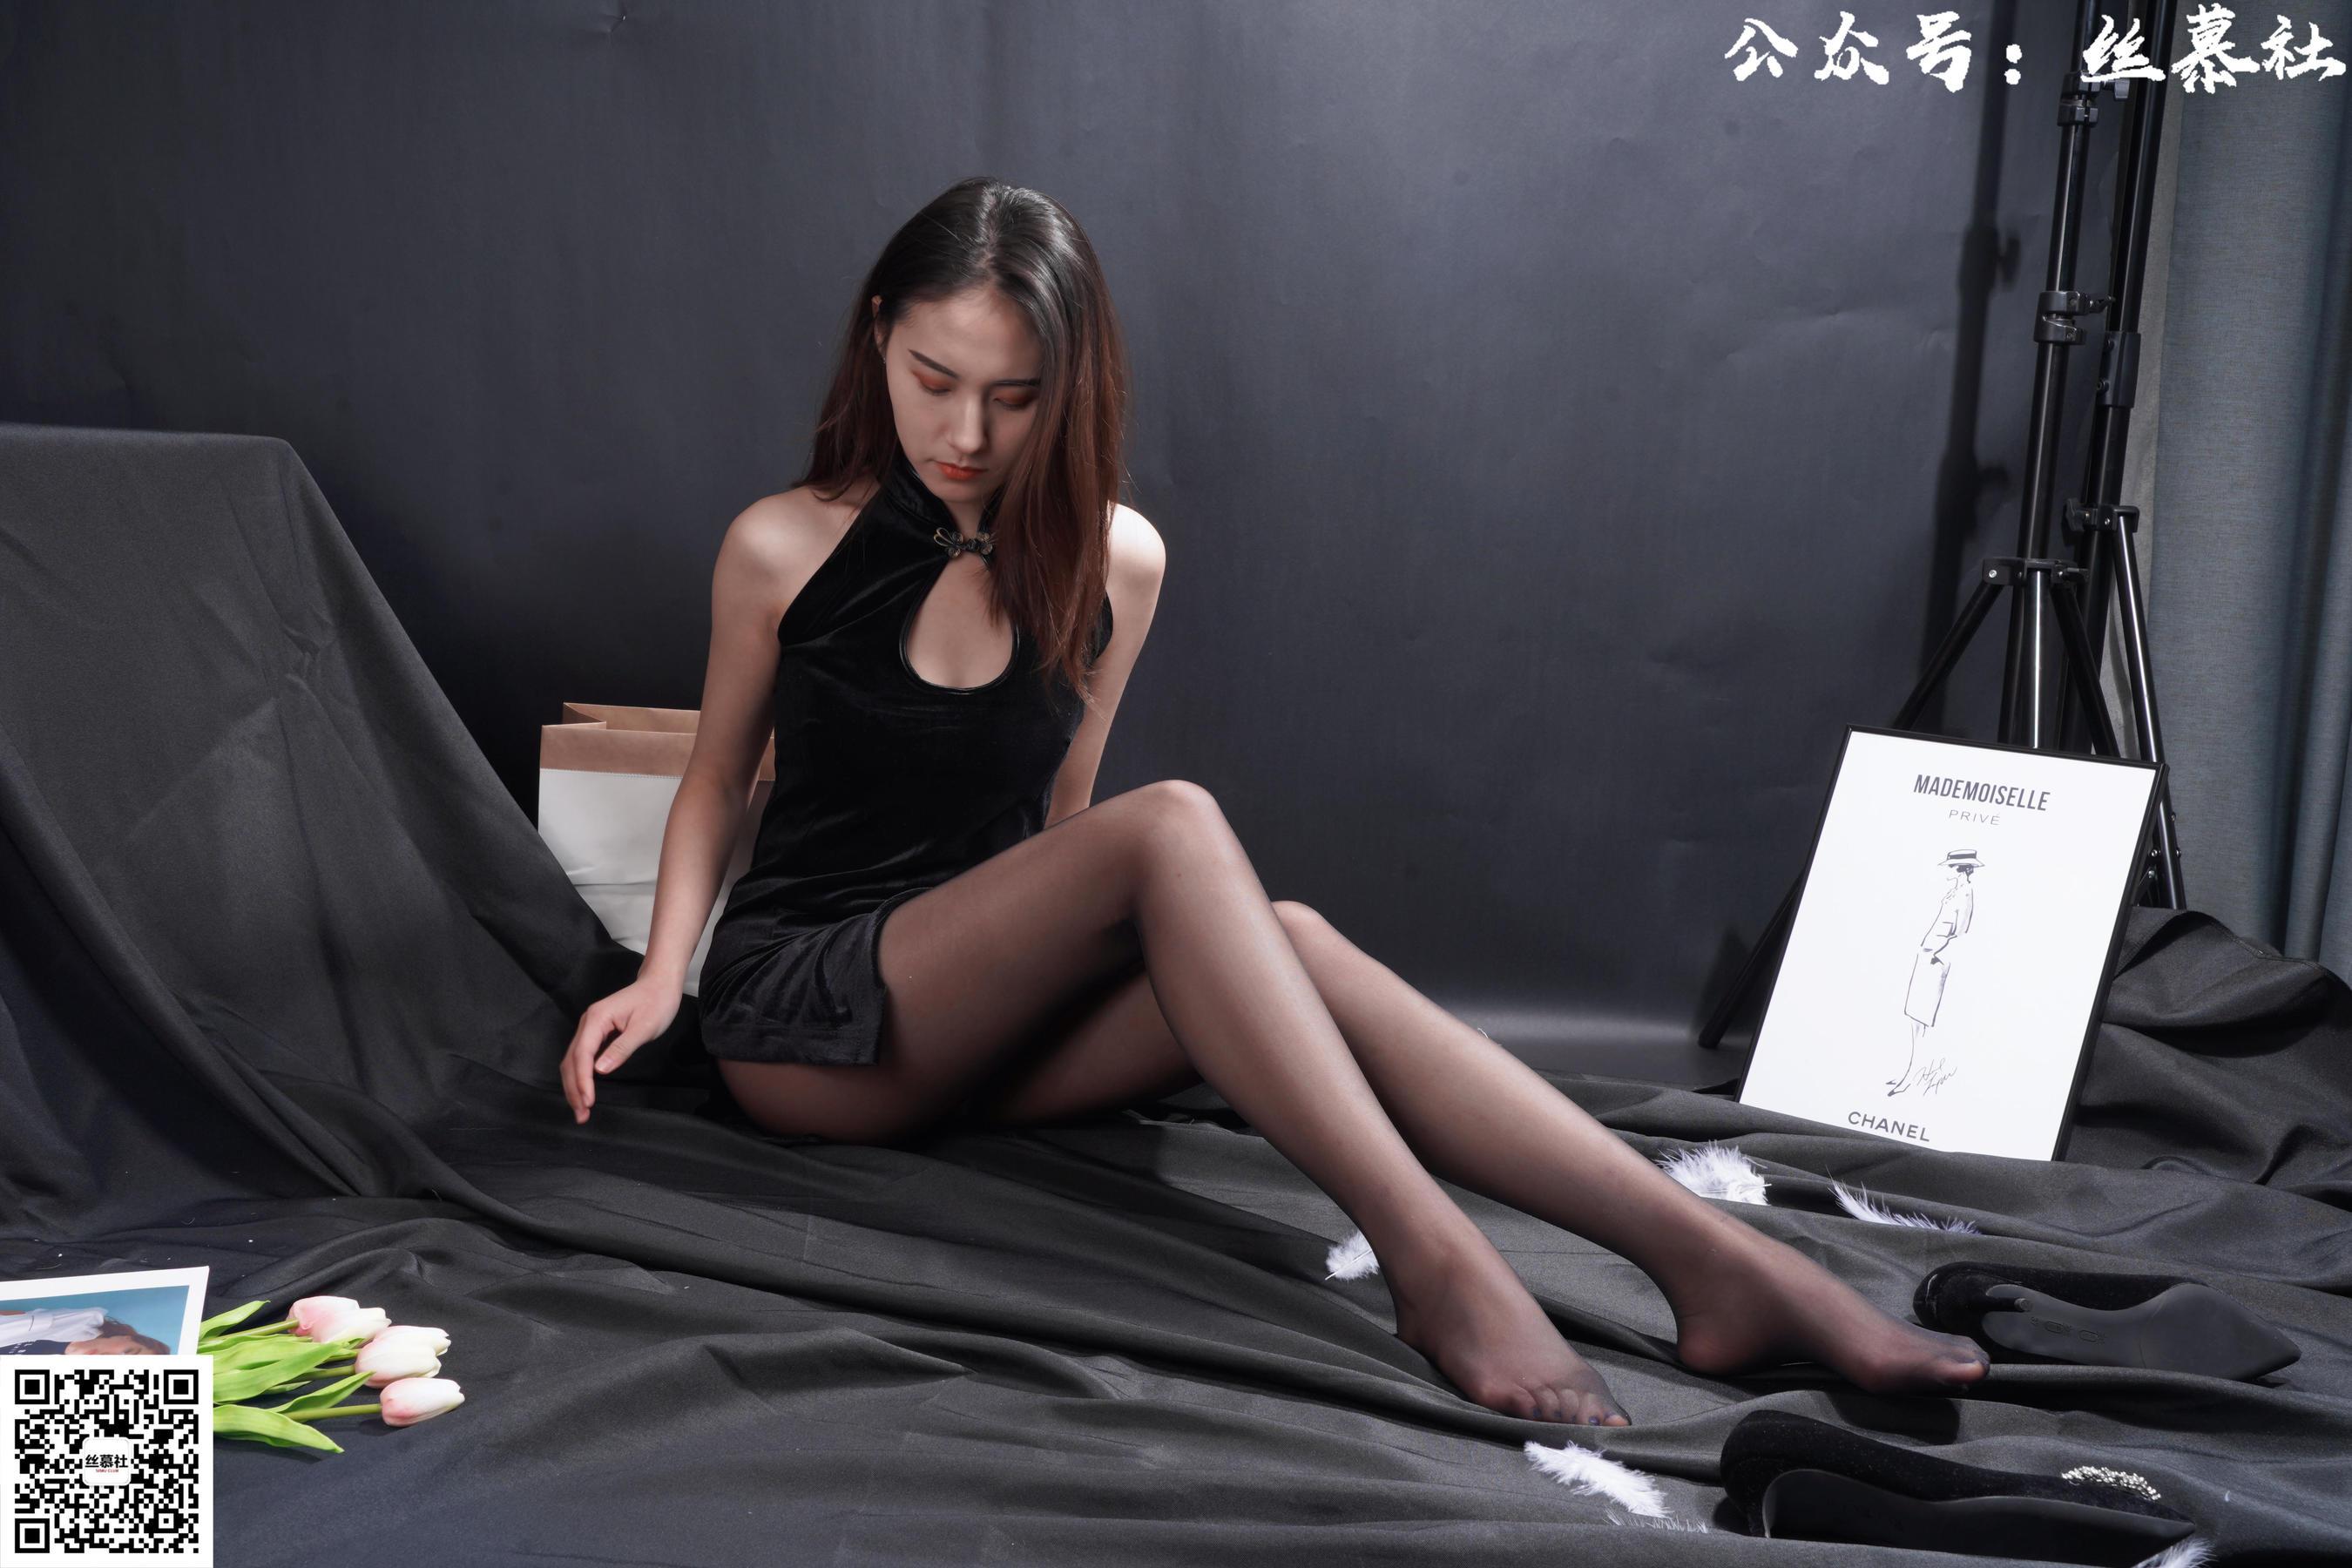 [秀人网]芝芝Booty(陈芝)No.2834超高清写真大图片(72P) 868热度